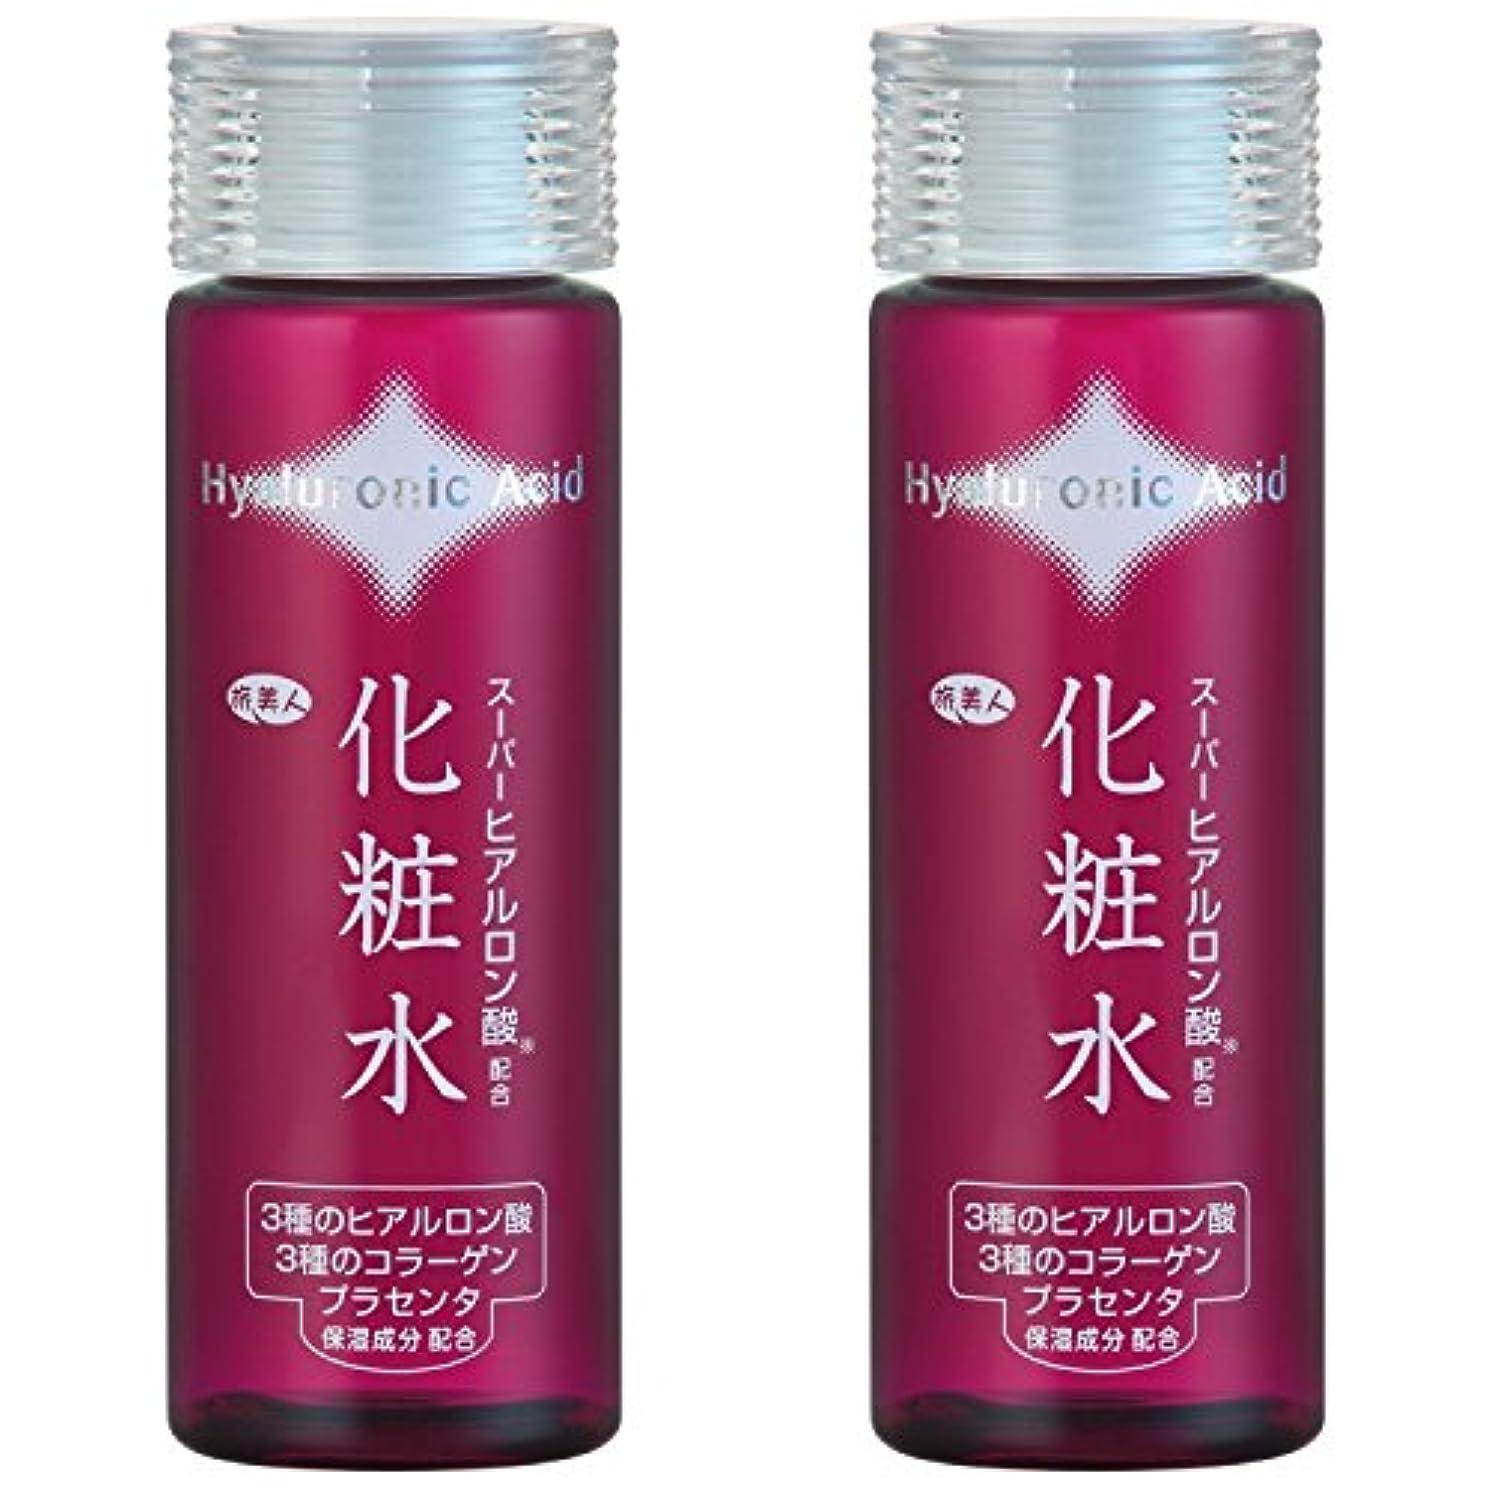 失敗無力架空のアズマ商事の スーパーヒアルロン酸配合 化粧水2本セット / 7種の整肌保湿成分を贅沢配合 旅美人